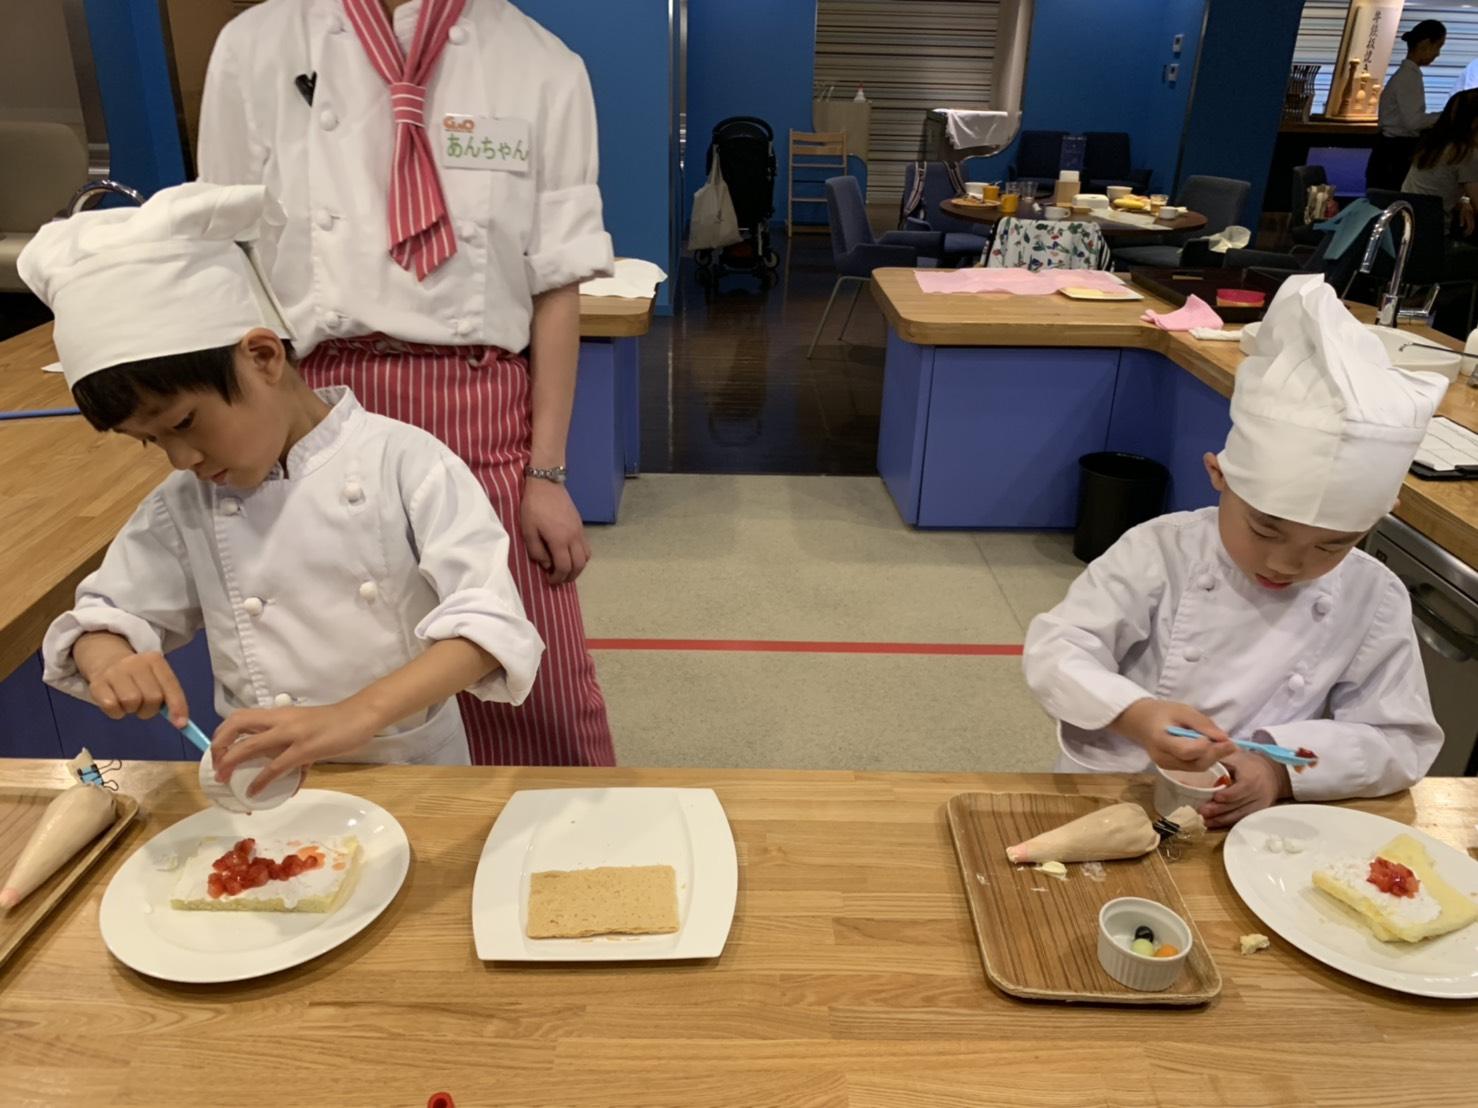 吃完晚餐同一個地方就可以體驗小廚師課程